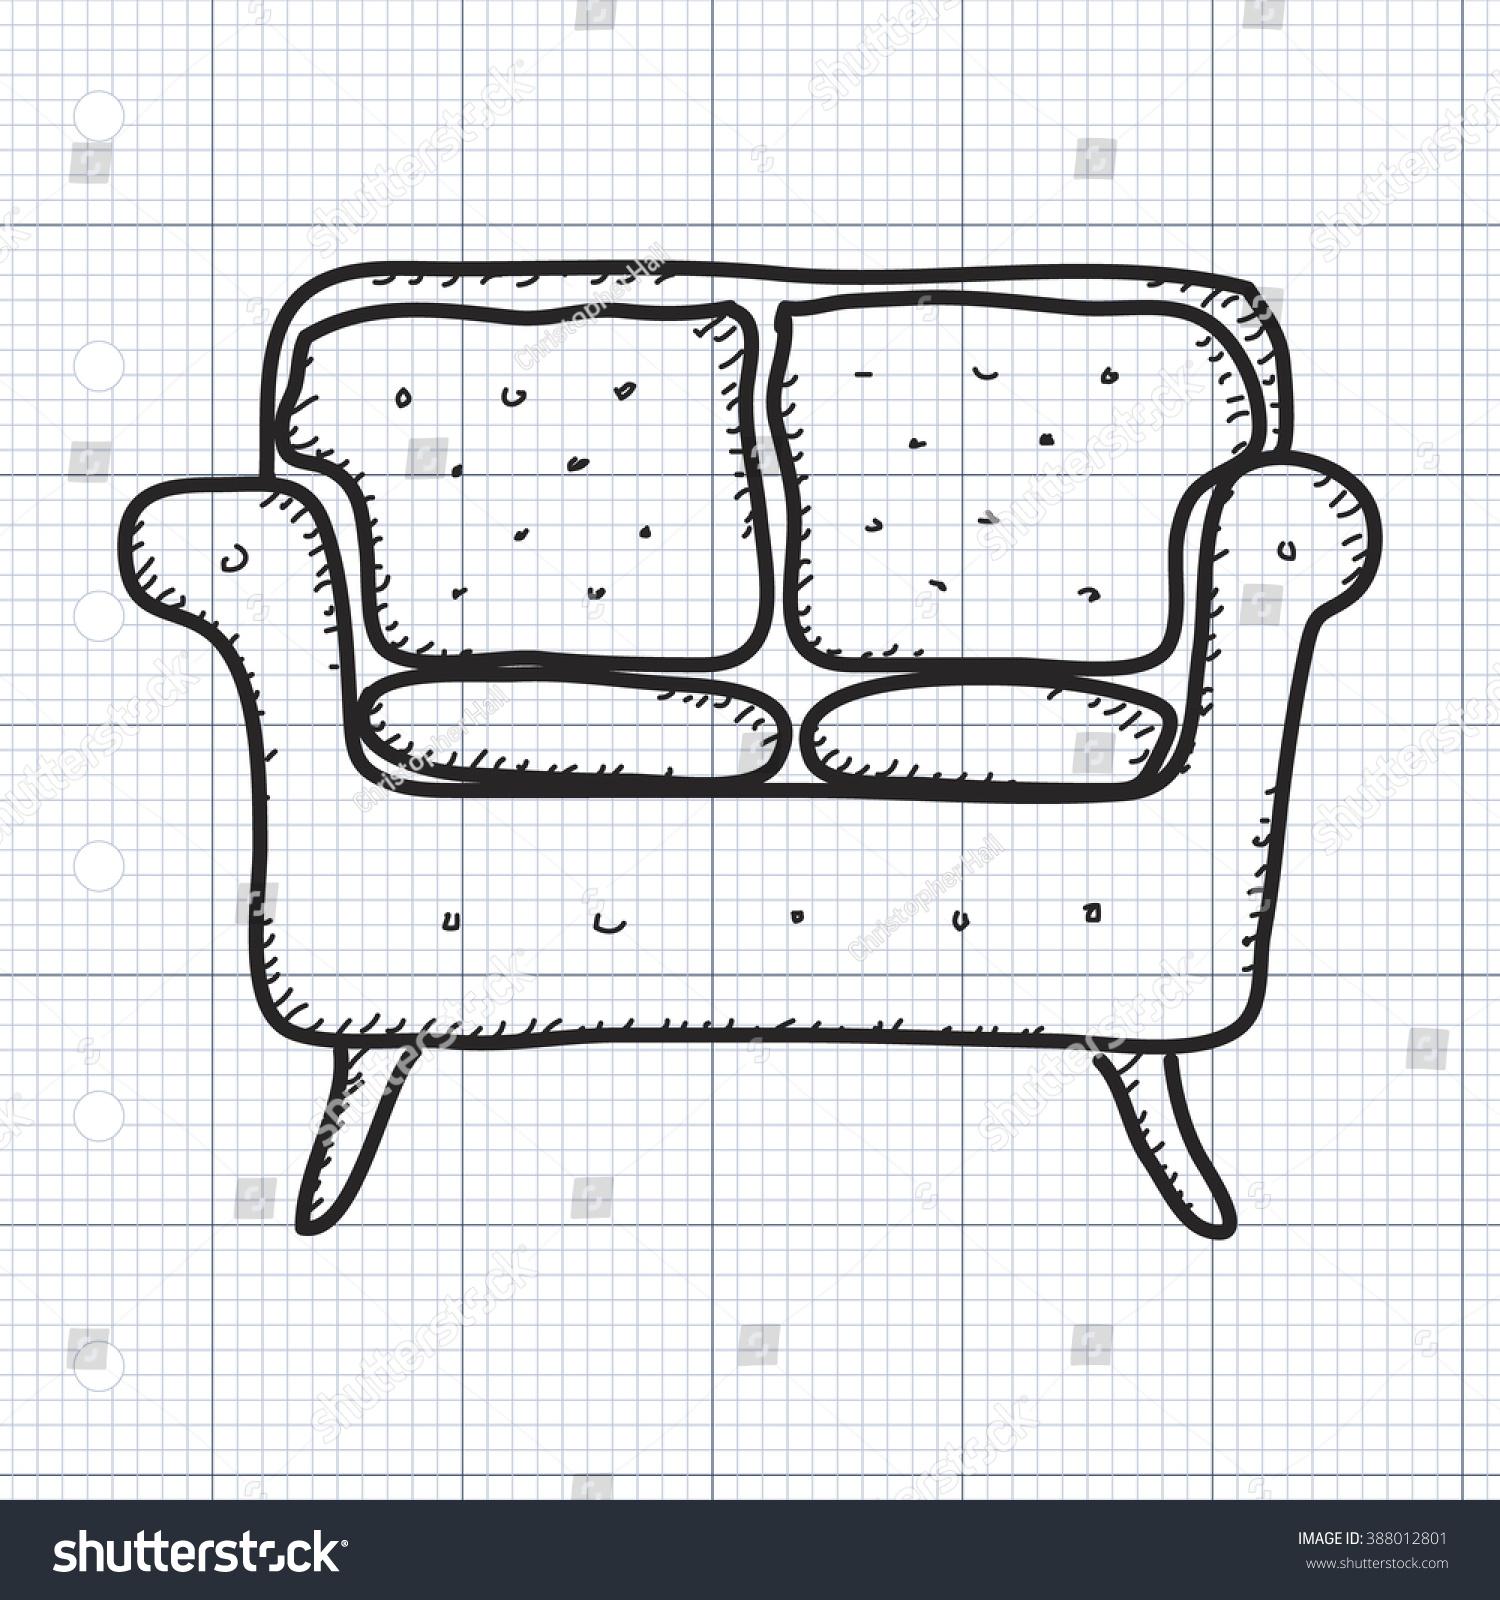 Berühmt Das Ergebnis Von Doodle Ein Innovatives Ledersofa Design ...